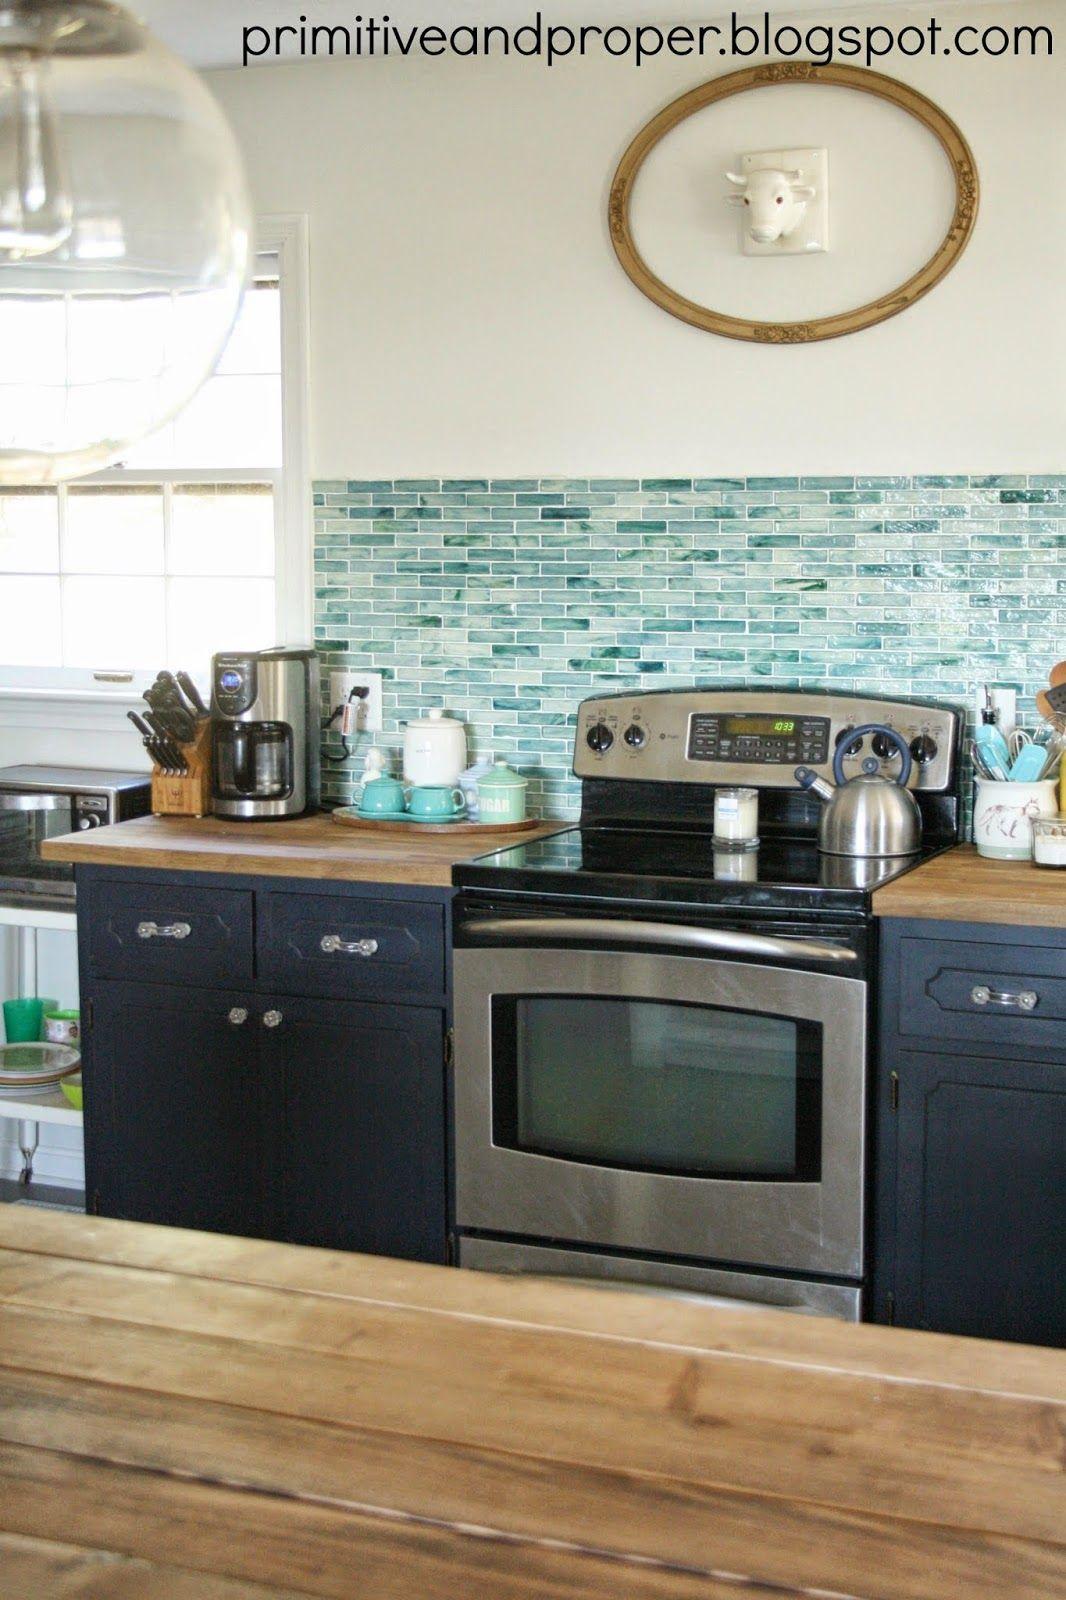 Primitive & Proper: DIY Recycled Glass Backsplash with The Tile Shop ...